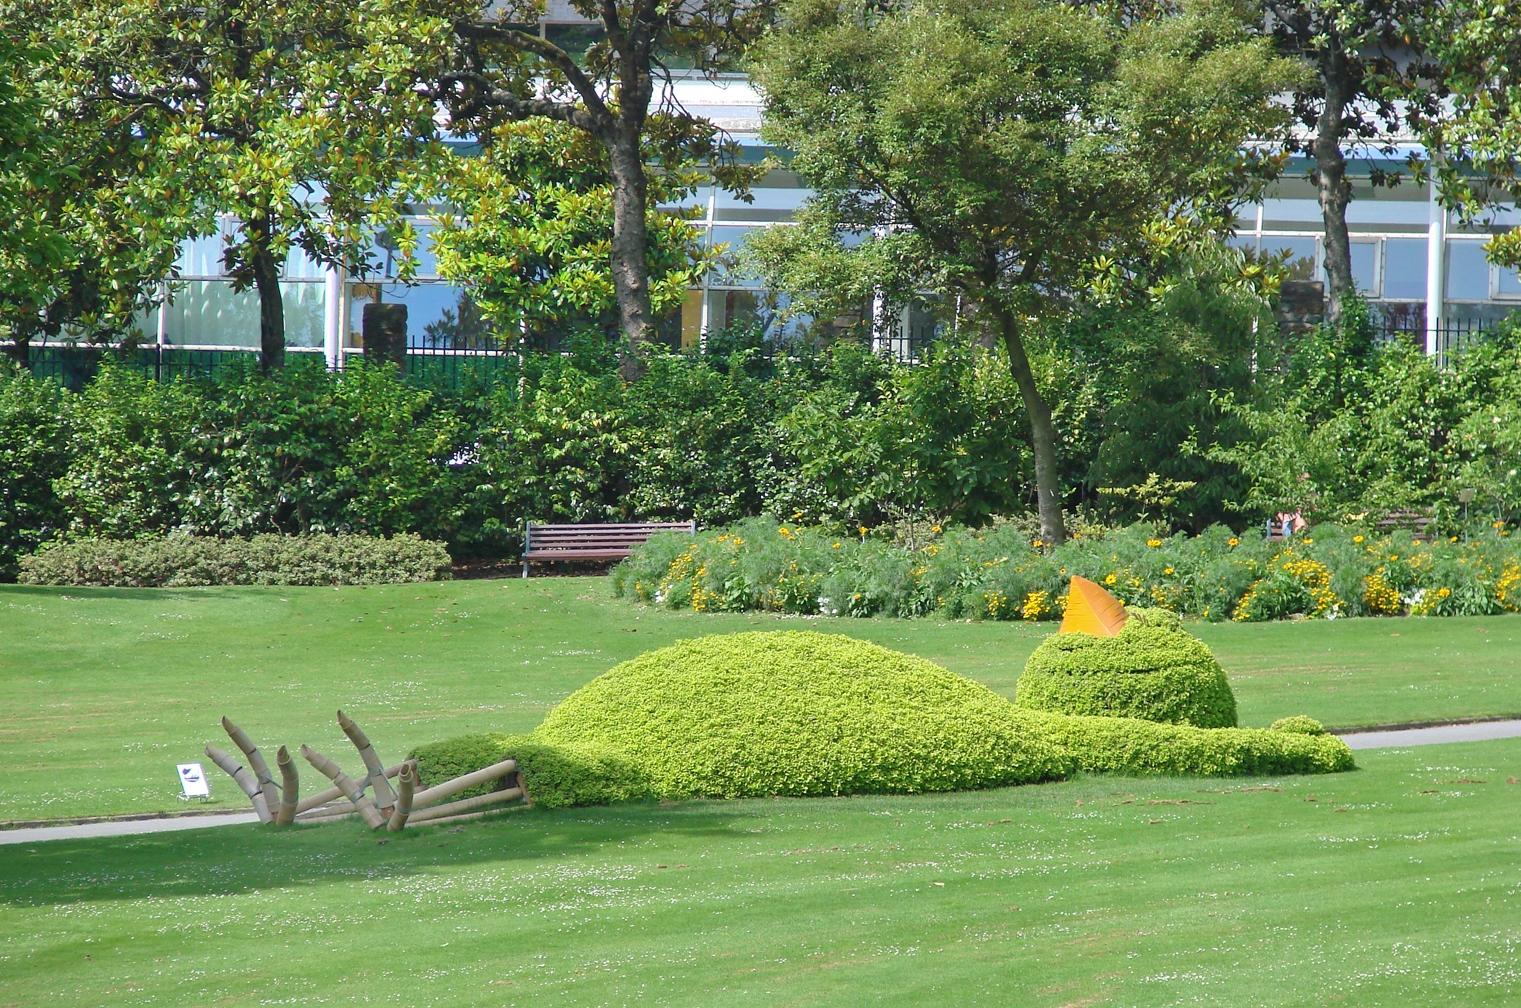 File:Le jardin des plantes (Le Voyage, Nantes) (9224132554 ...